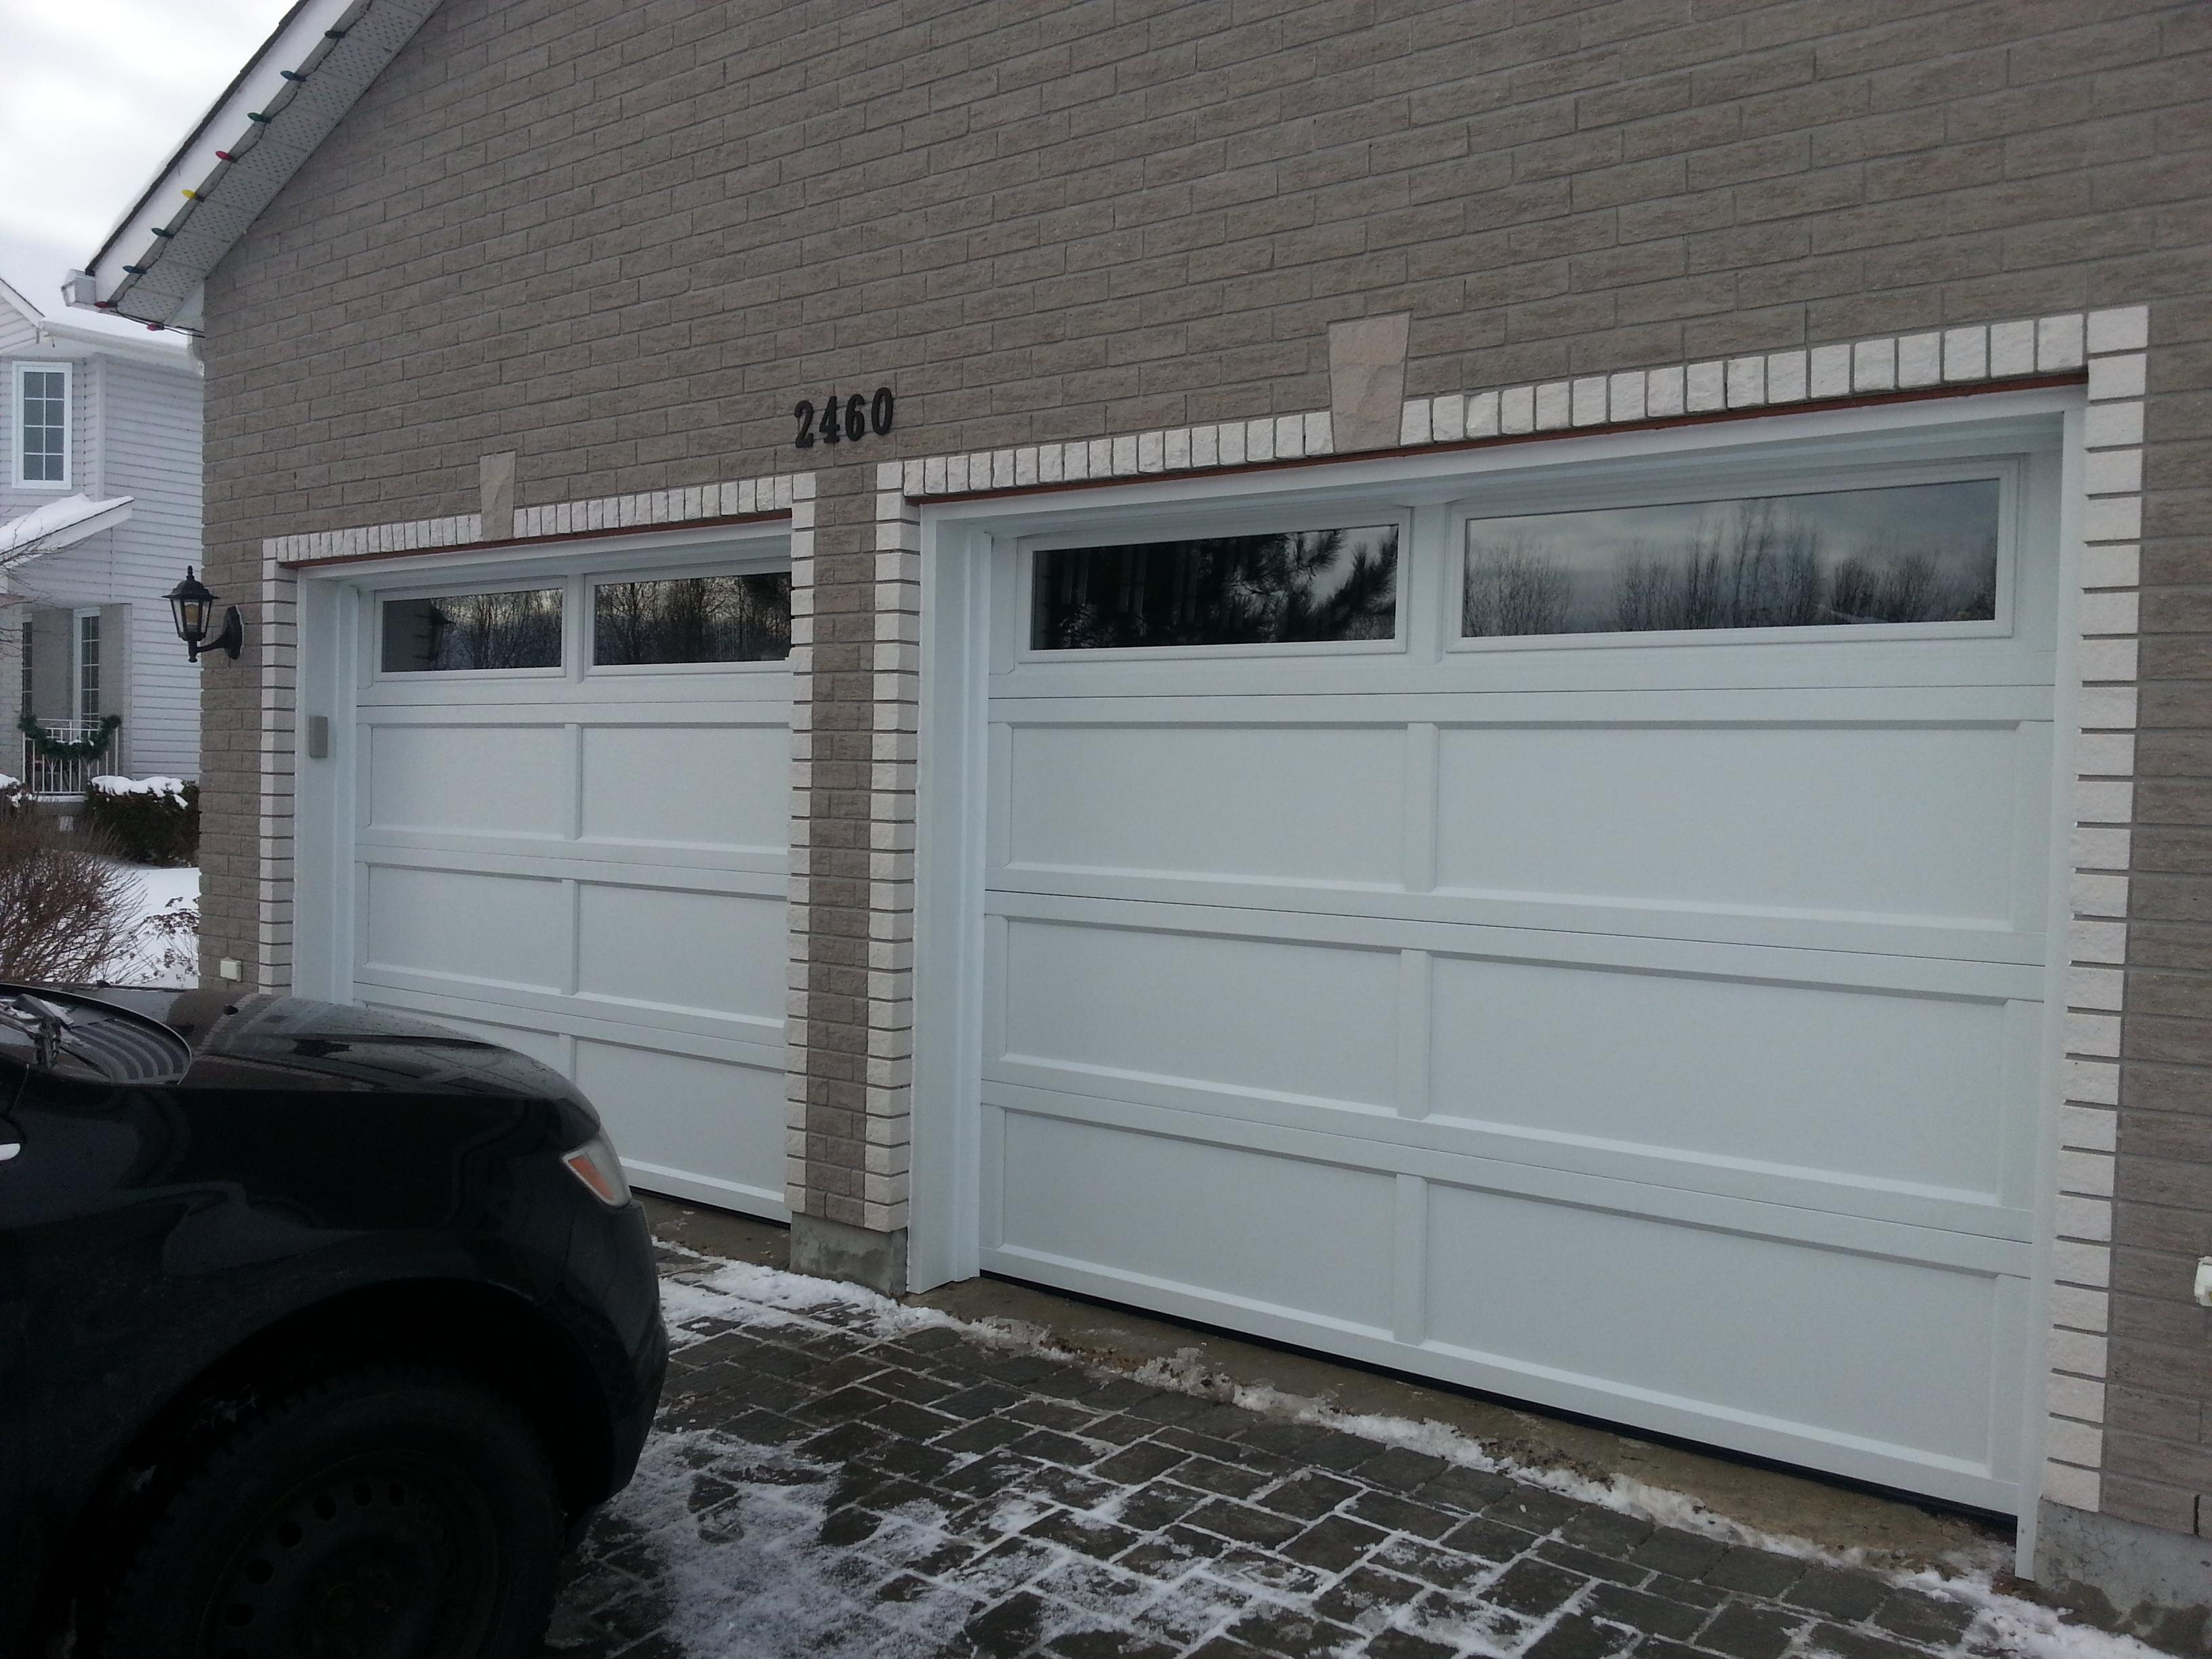 Sudbury garage door company doortech sudbury residential garage door openers rubansaba